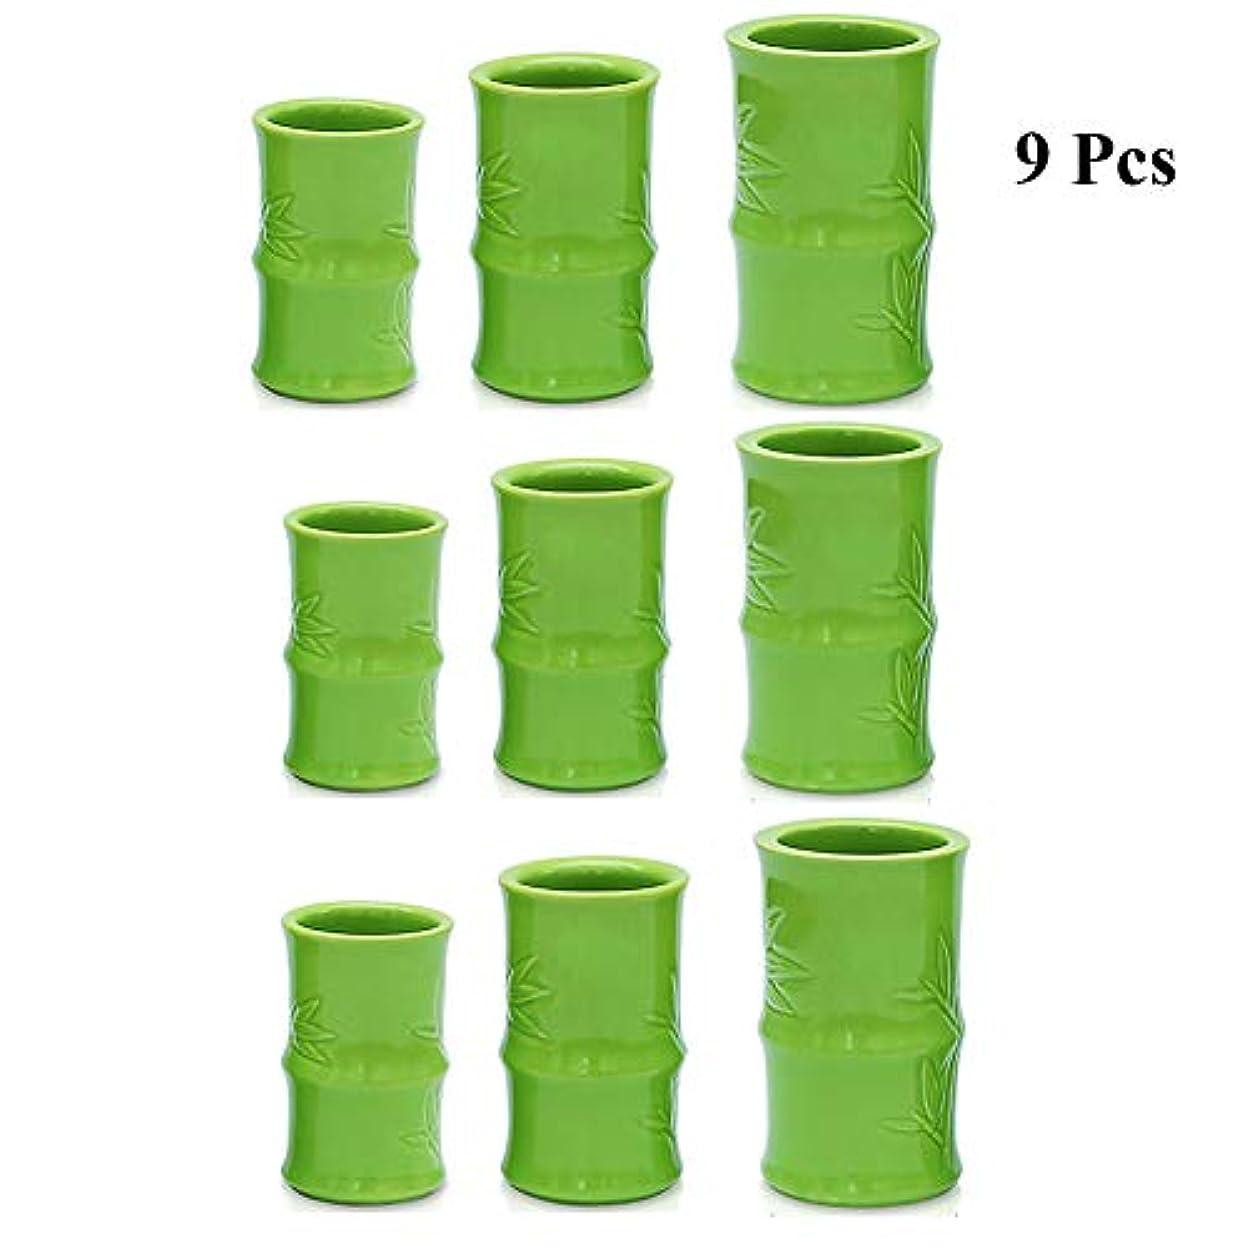 釈義気づく指紋真空カッピングマッサージ缶 - セラミックスポットセラピーセット - 鍼ボディセラピーセット,C9pcs